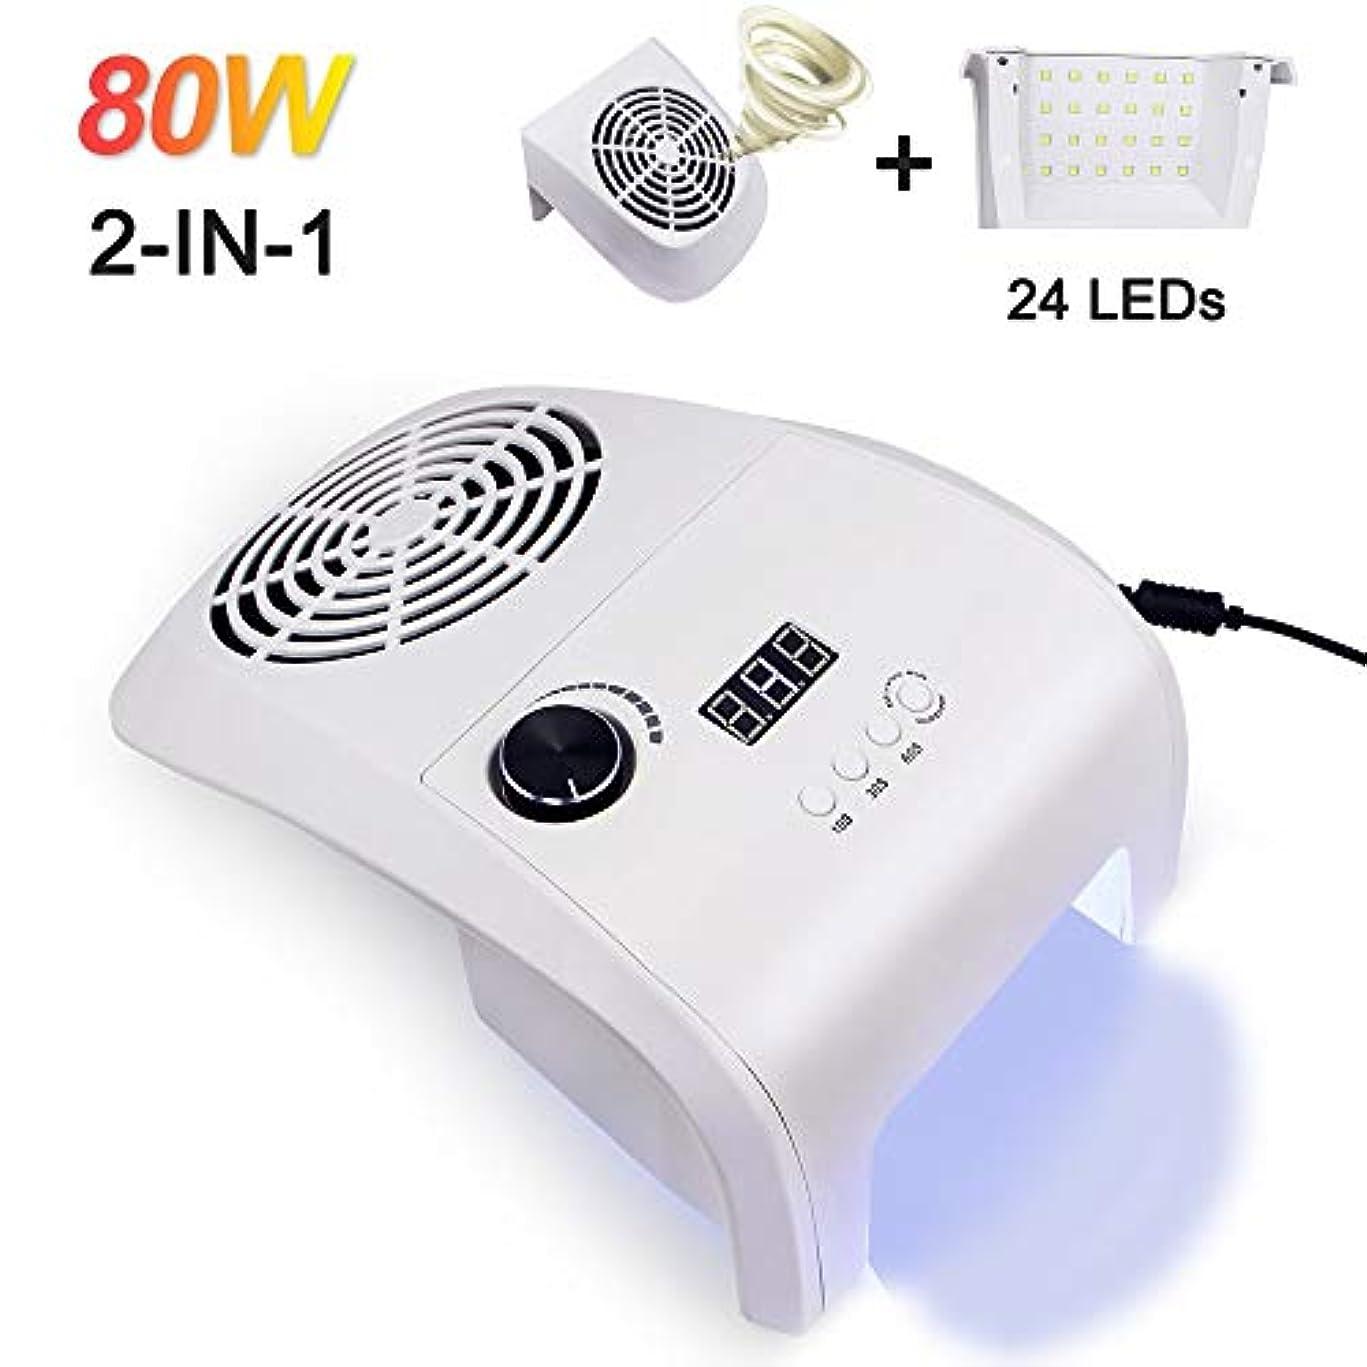 クリア娘柔らかい足80W 2 in 1 爪 集塵機 吸引 24個 UV ネイルランプドライヤー と 調整可能な速度 ファン モーションセンシング 3タイミングモード 爪 アート ツール